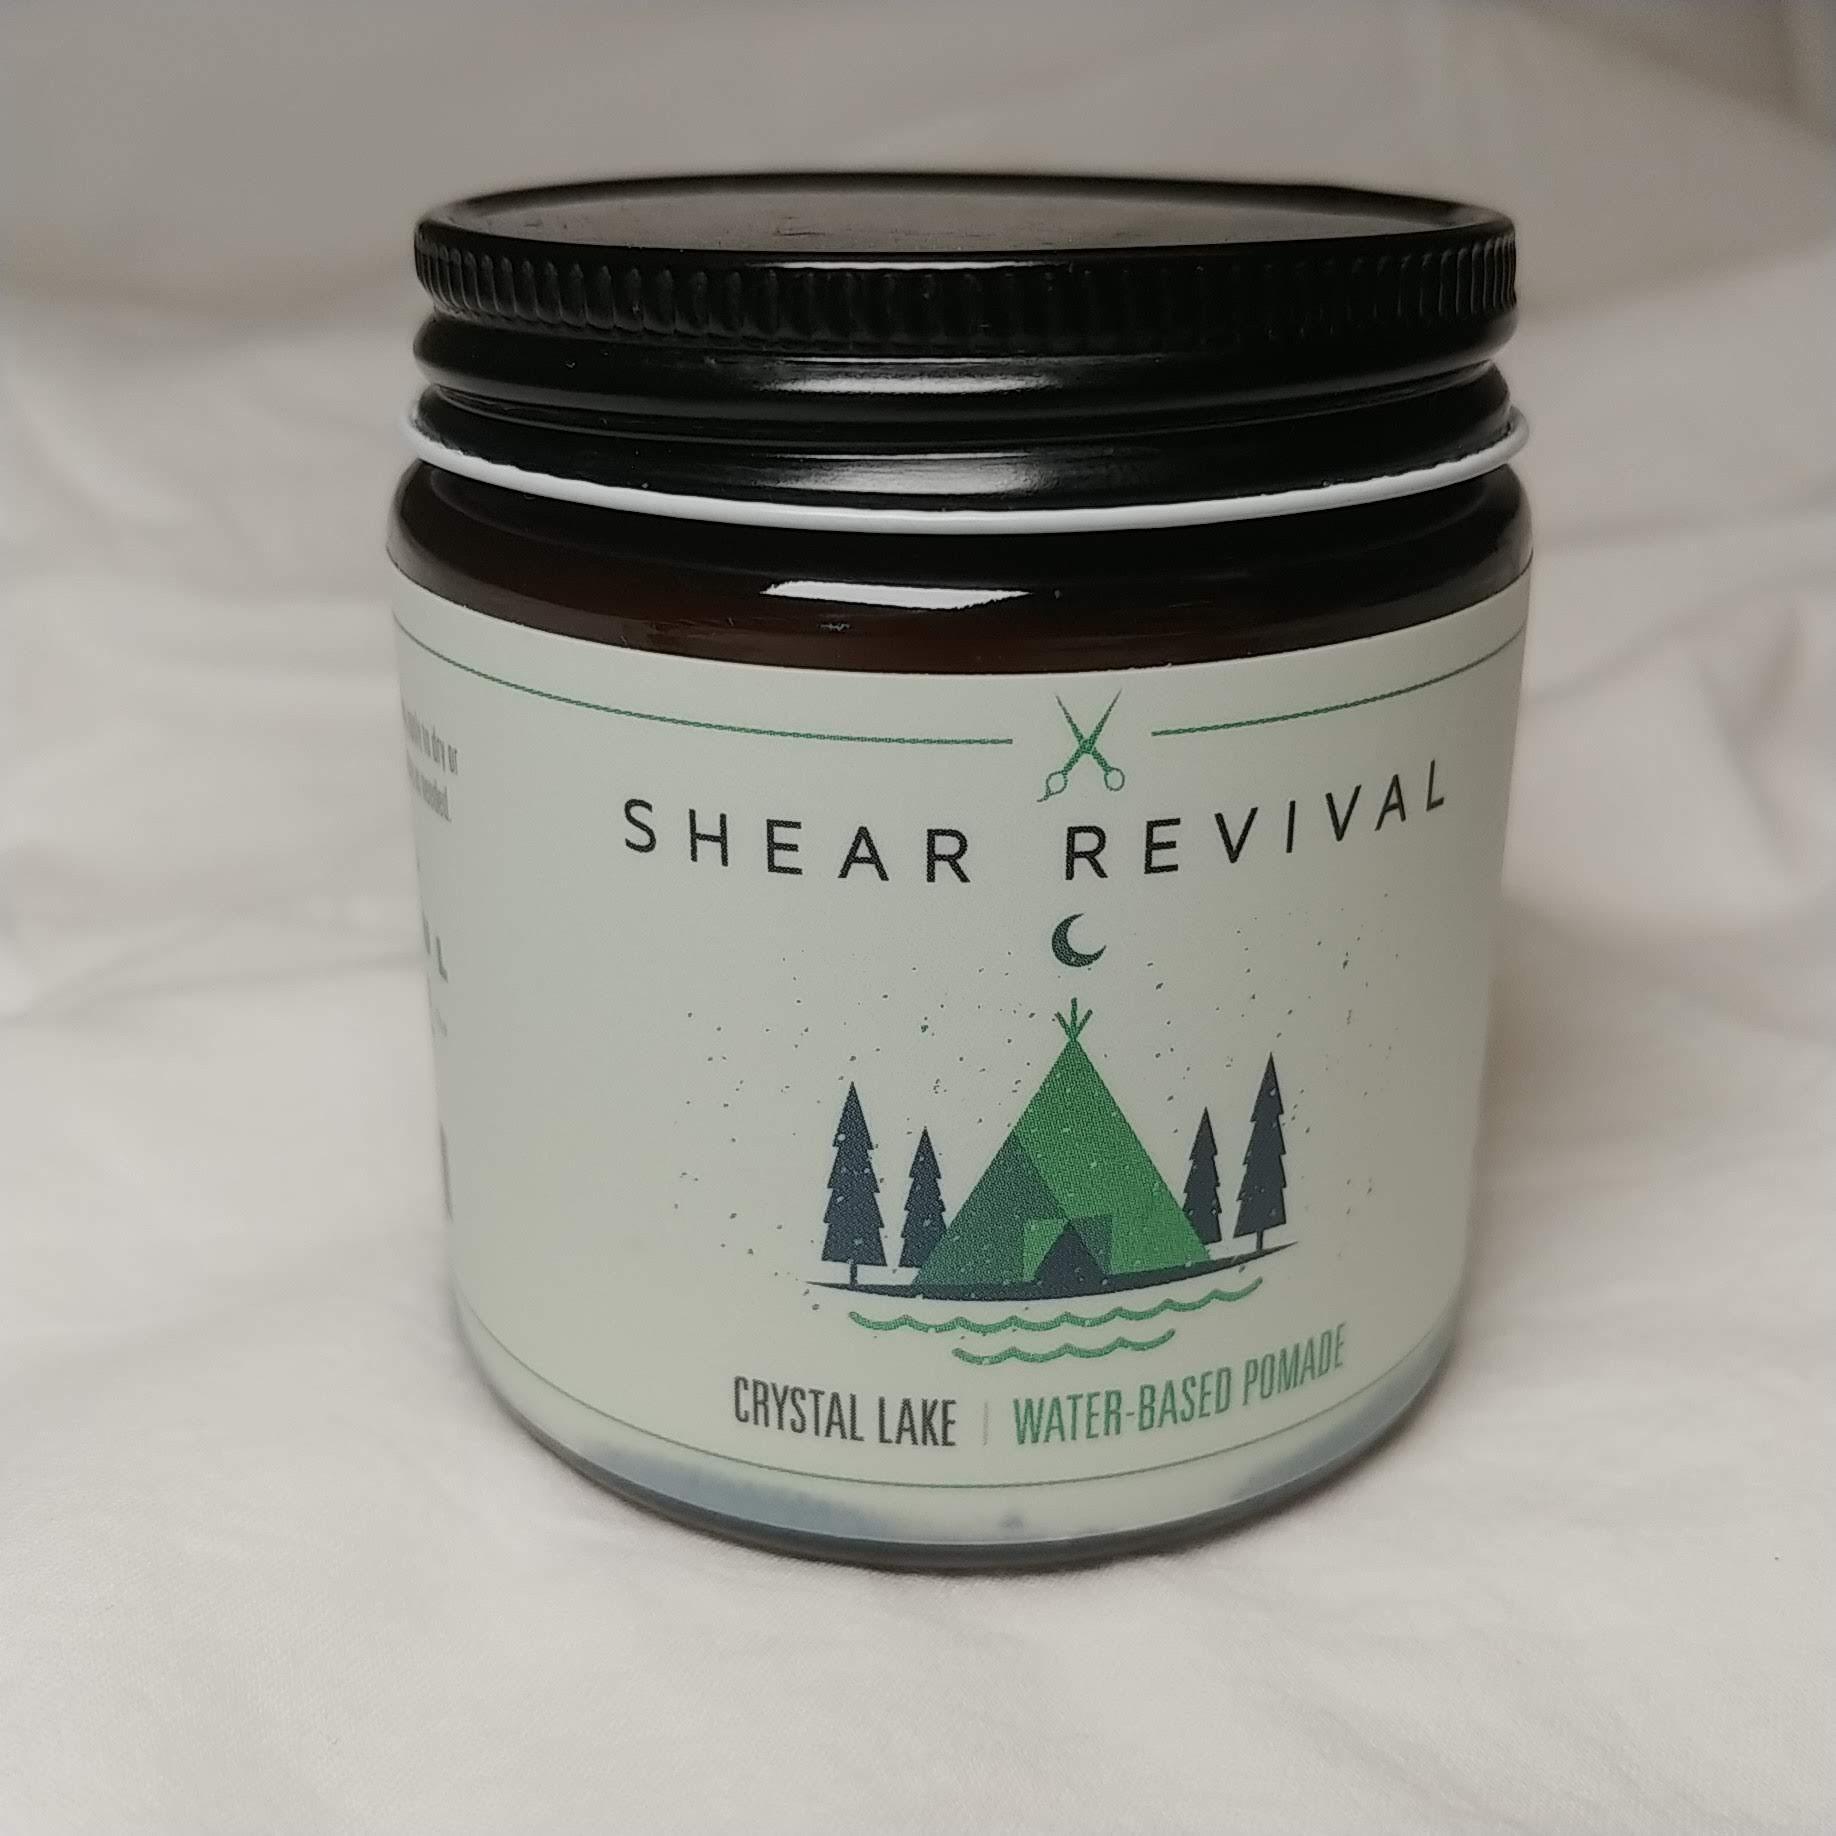 Shear Revival Crystal Lake